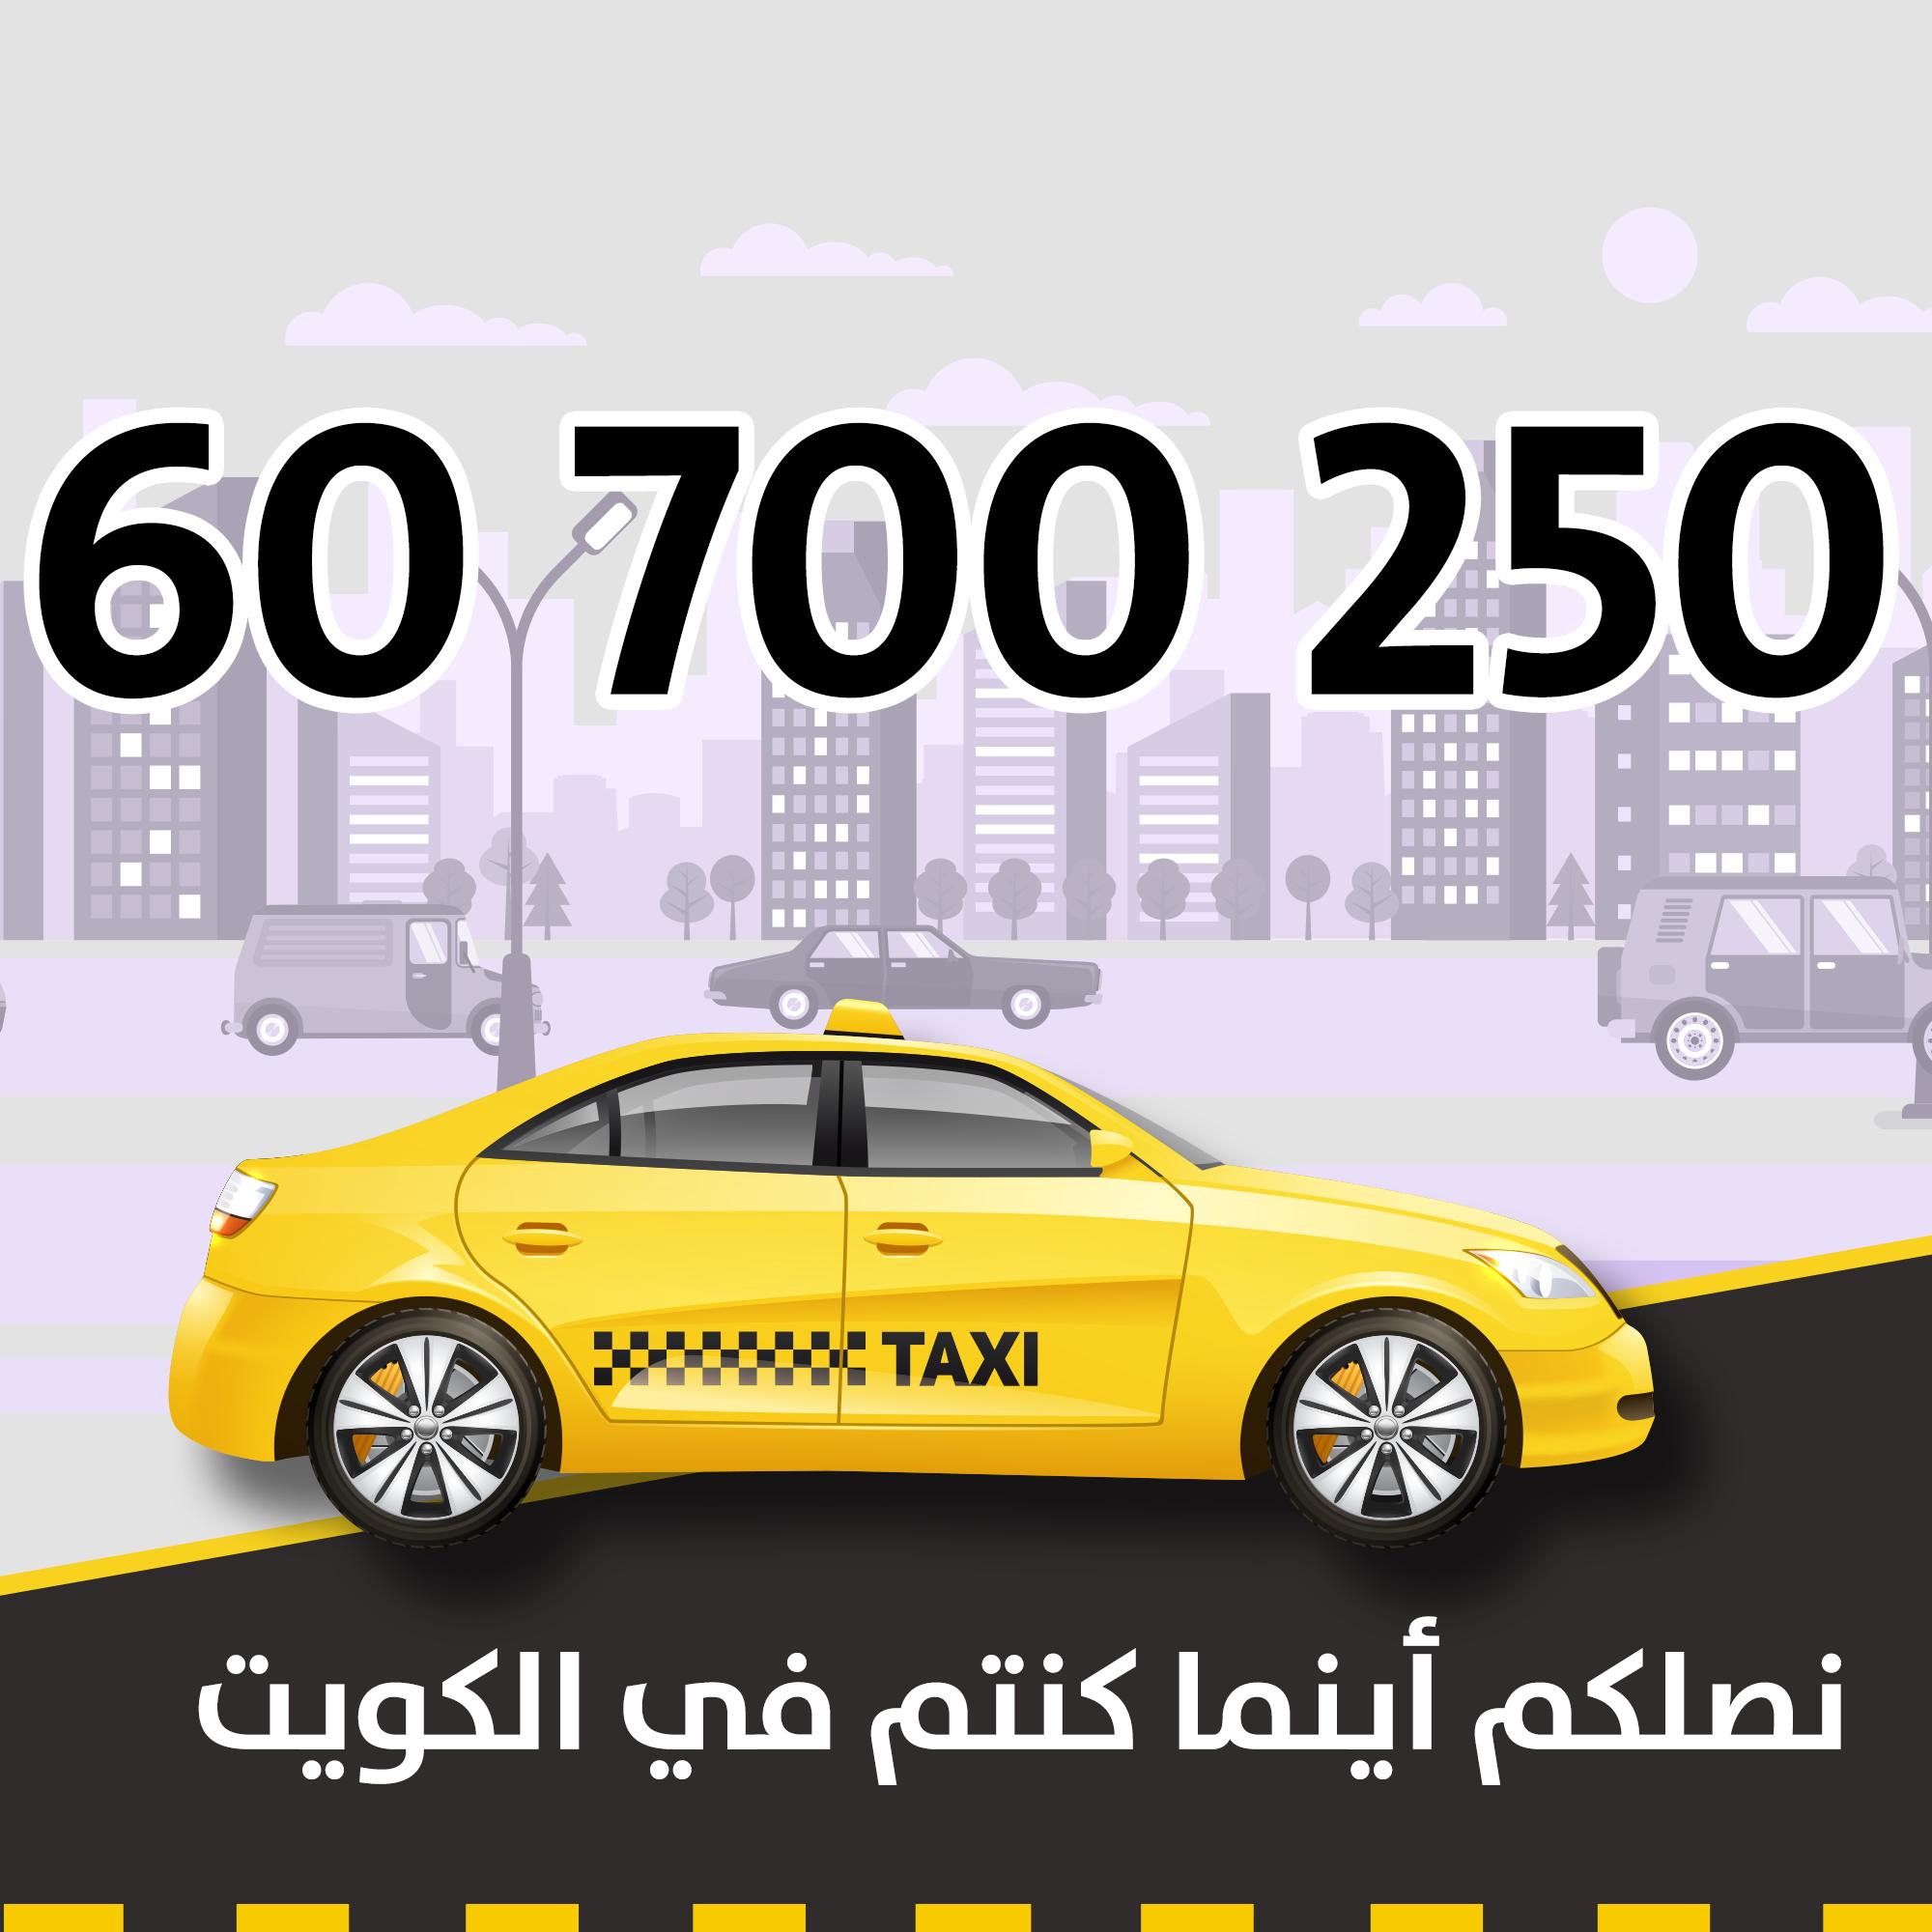 تاكسي توصيلة في شارع الشافعي